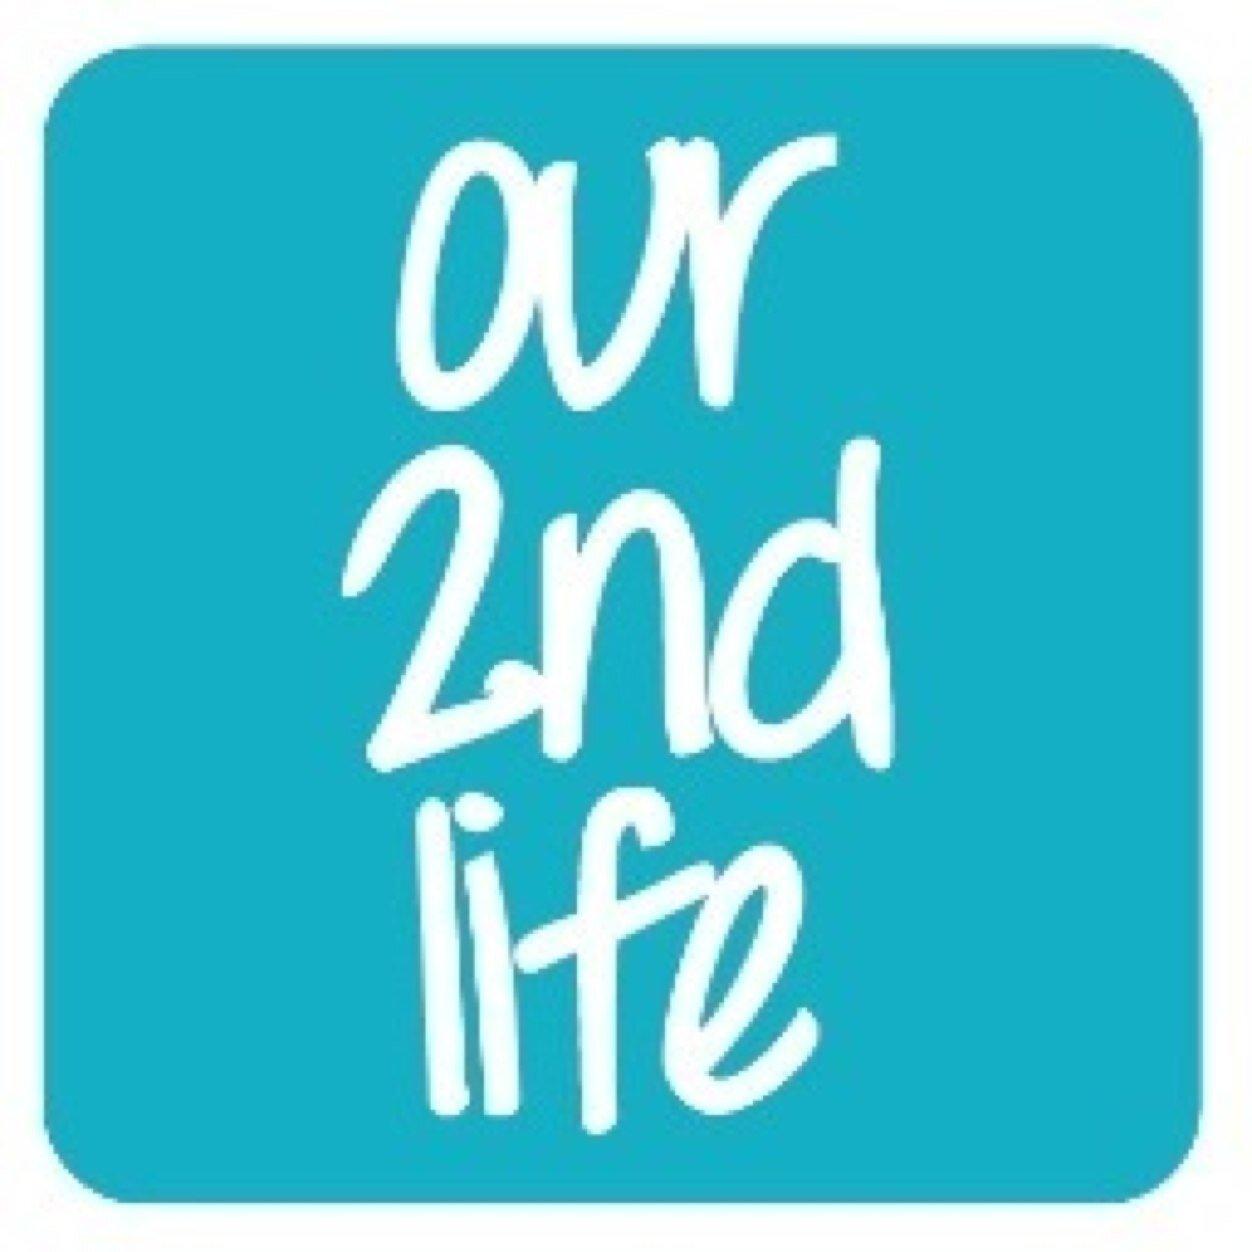 Follow O2LO2l